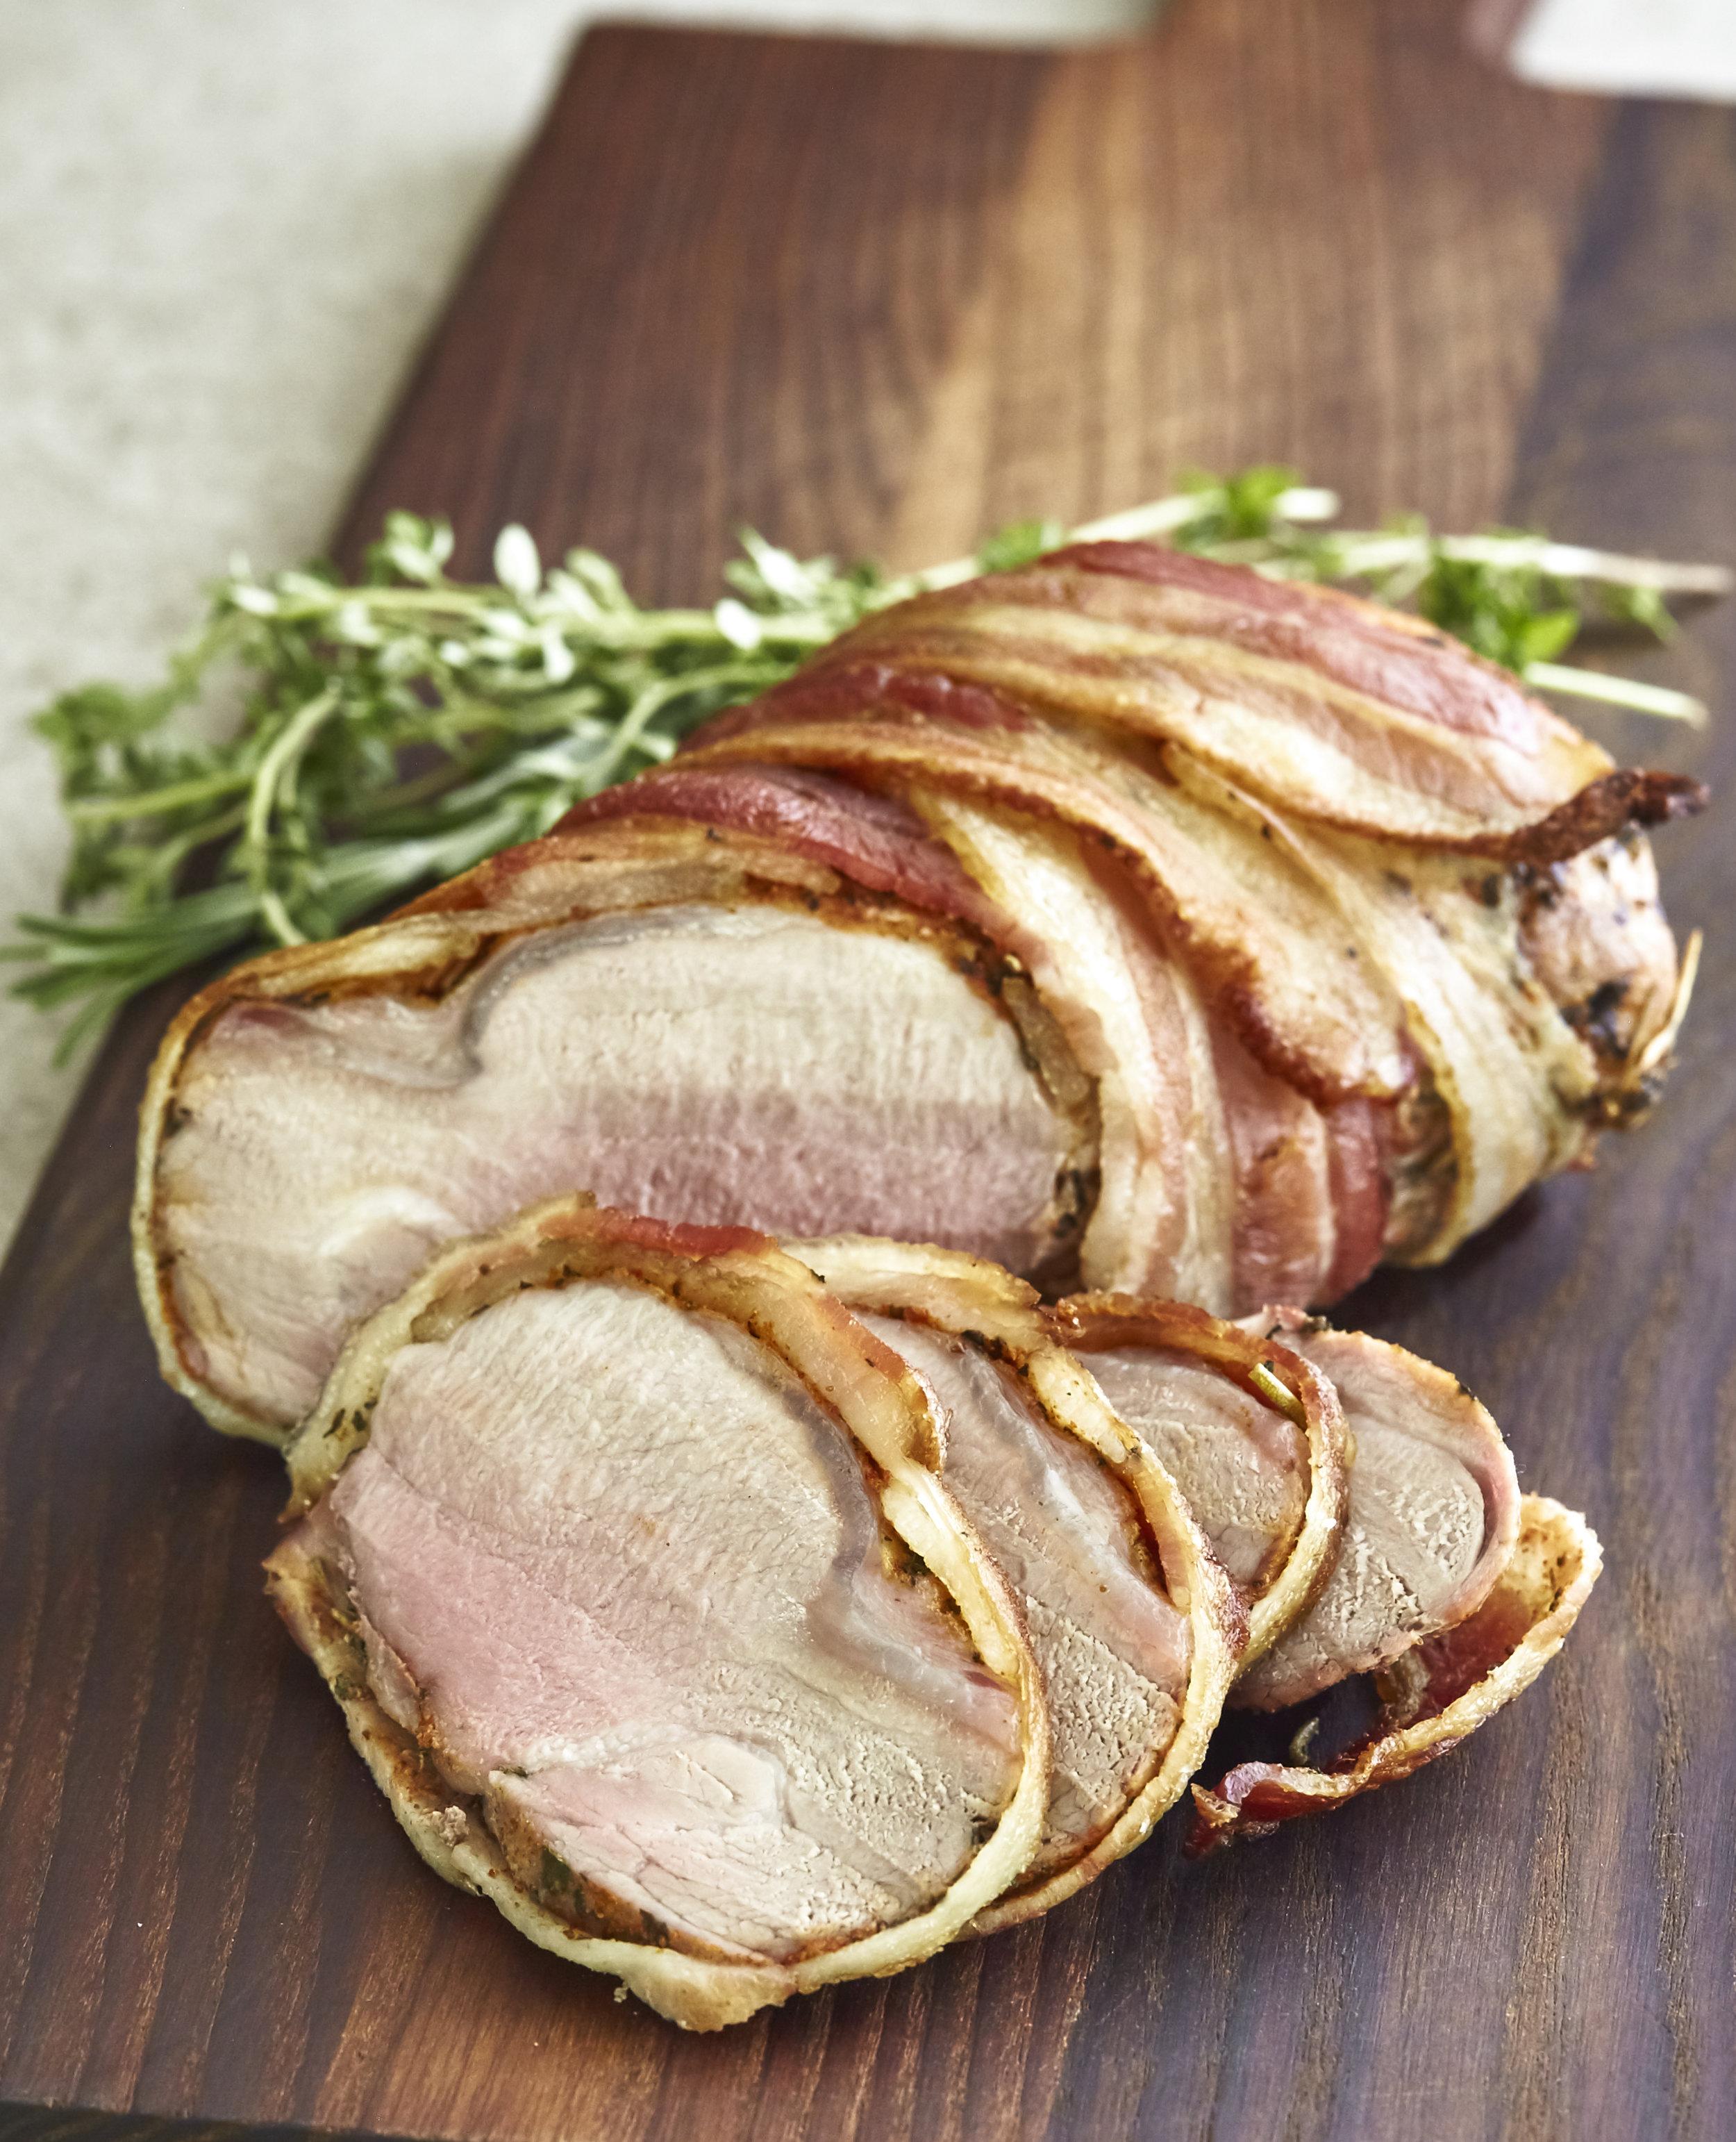 Bacon_Wrapped_Pork_Loin_Bacon_&_Butter.jpg